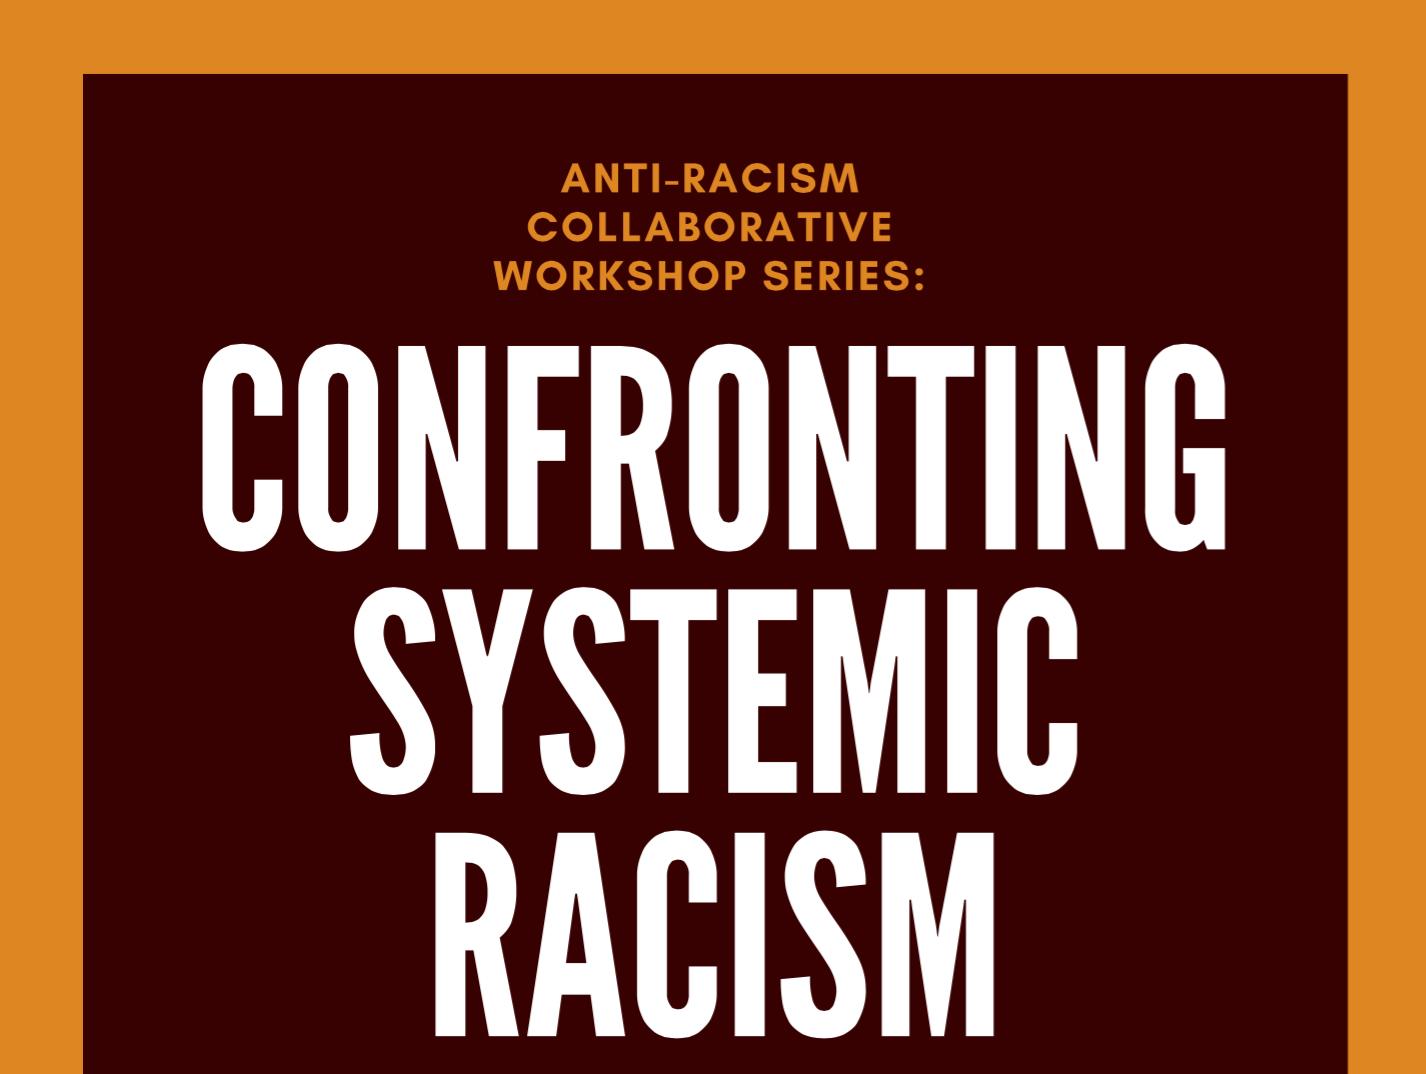 Anti-Racism Workshop Series